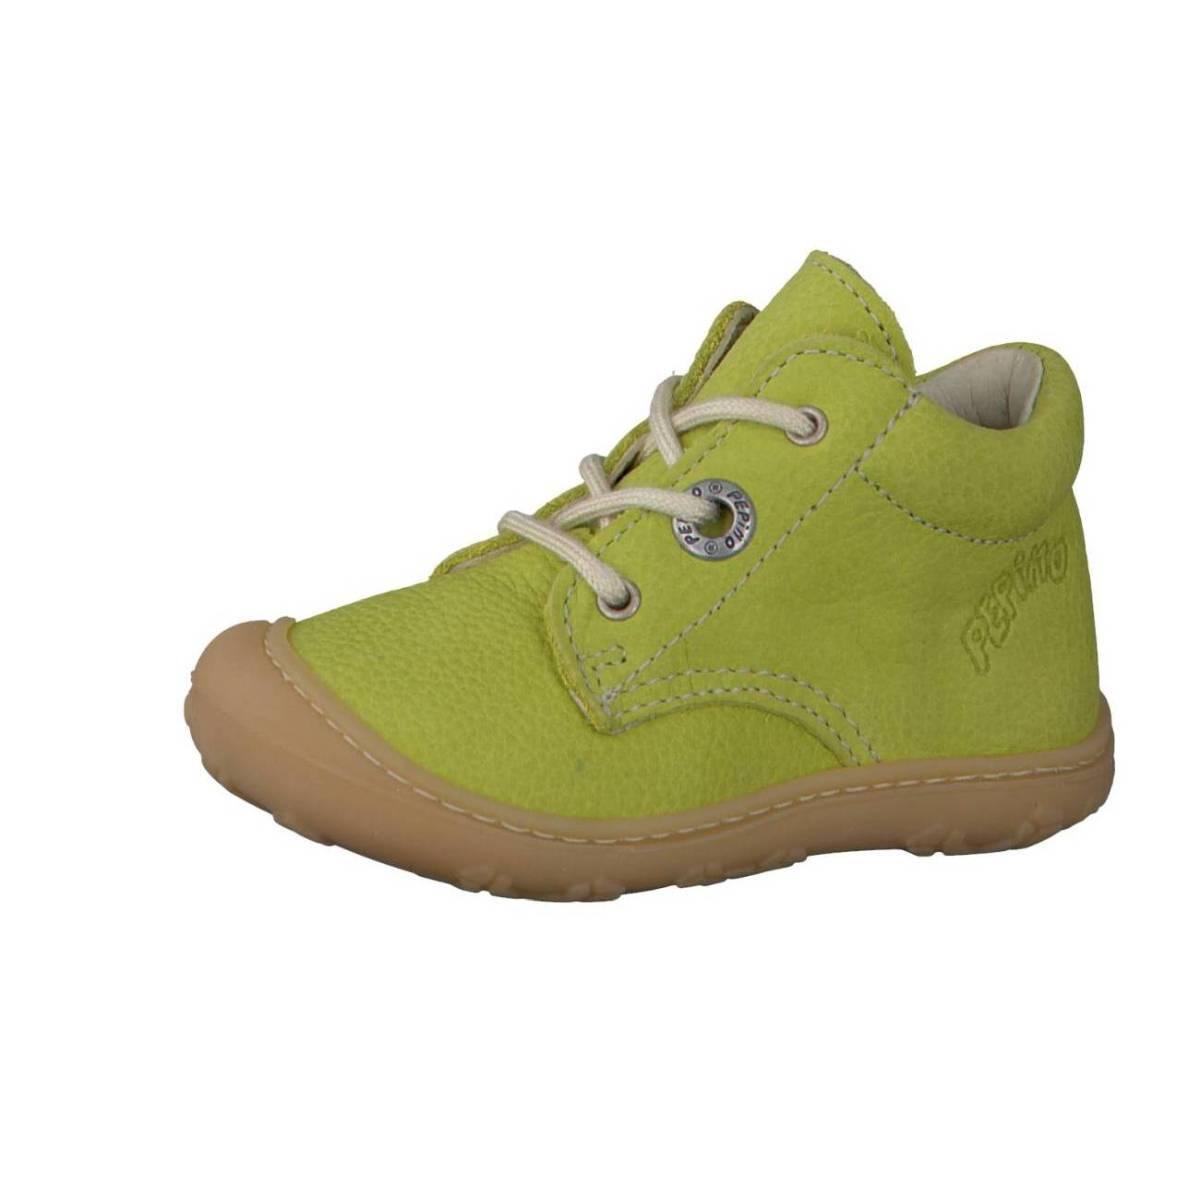 Ricosta Pepino Cory grün lime Lauflernschuhe Stiefelchen Boots Jungen Mädchen